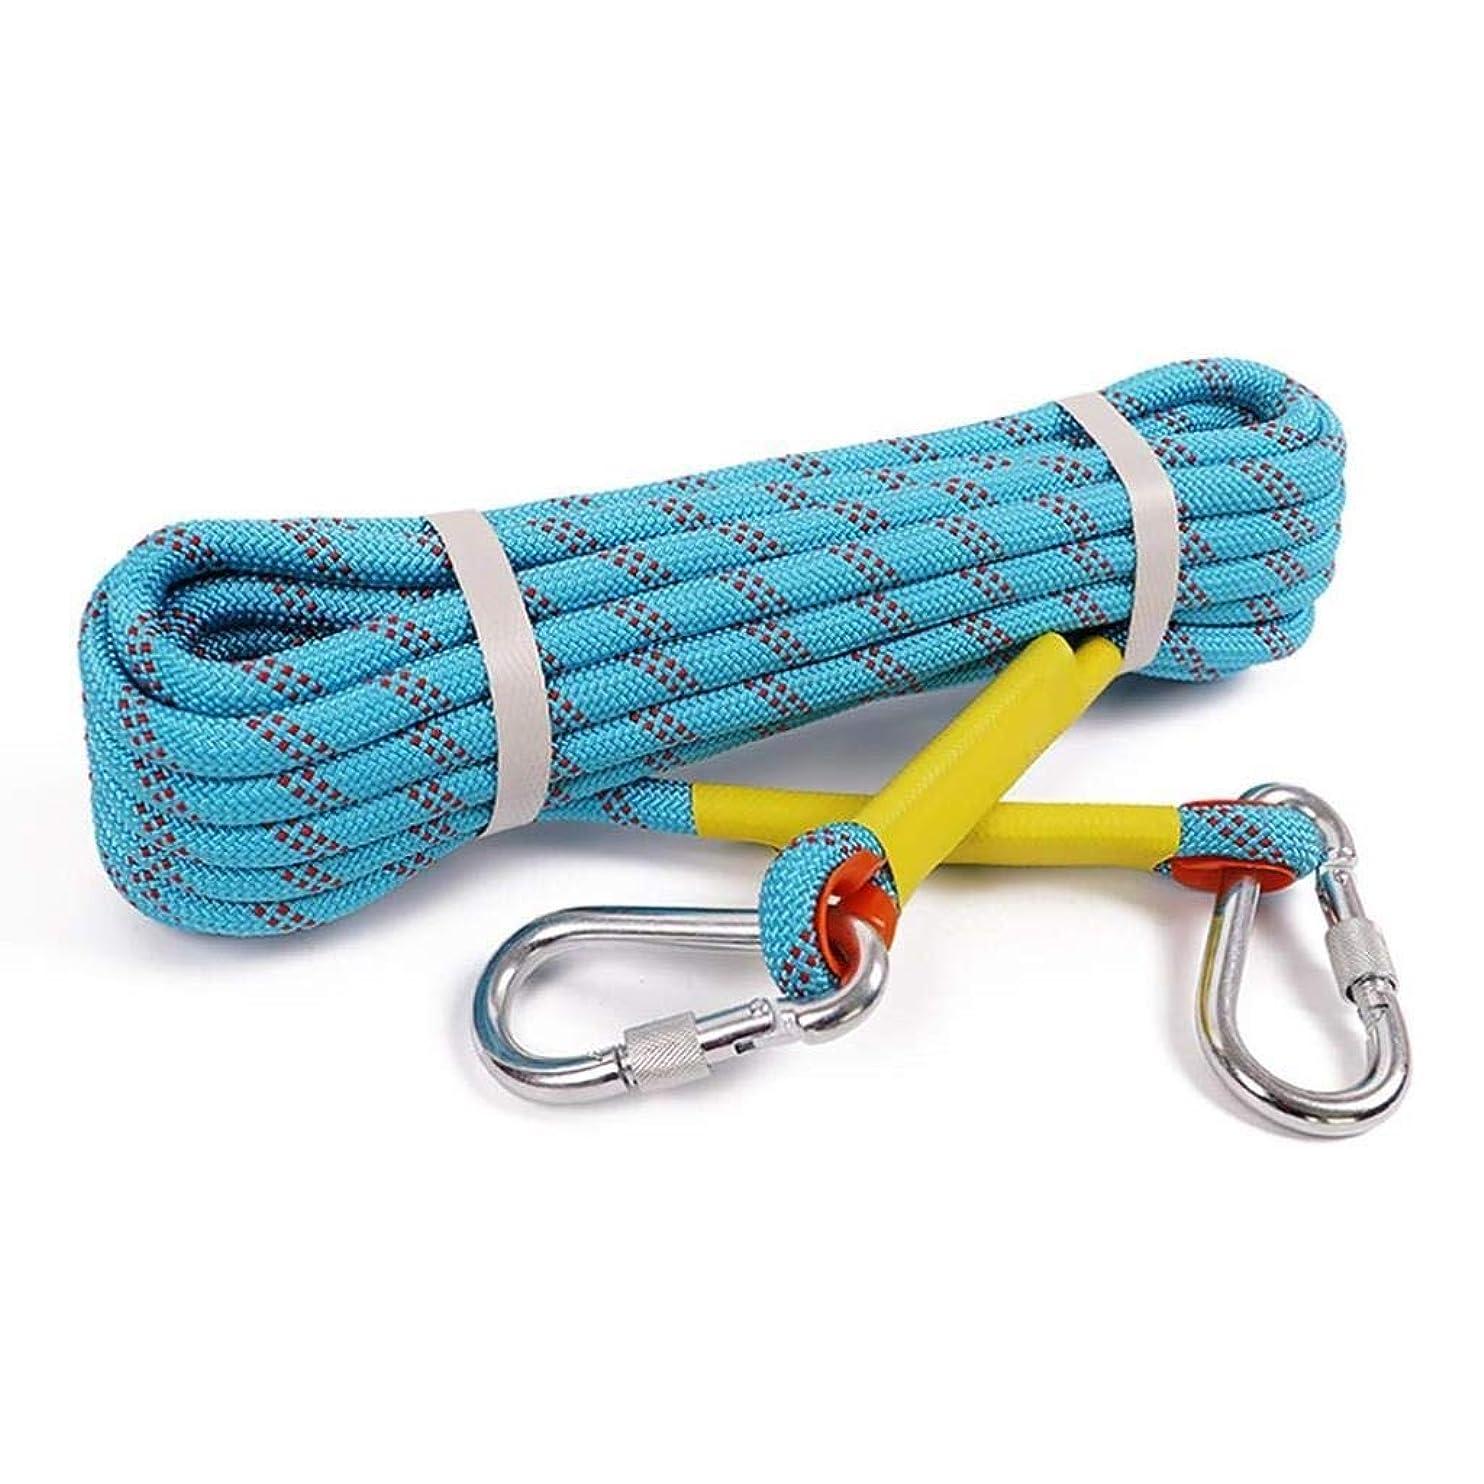 キルト知っているに立ち寄るデッド登山ロープの家の火の緊急脱出ロープ、ハイキングの洞窟探検のキャンプの救助調査および工学保護のための多機能のコードの安全ロープ。 (Color : 青, Size : 10m*8mm)